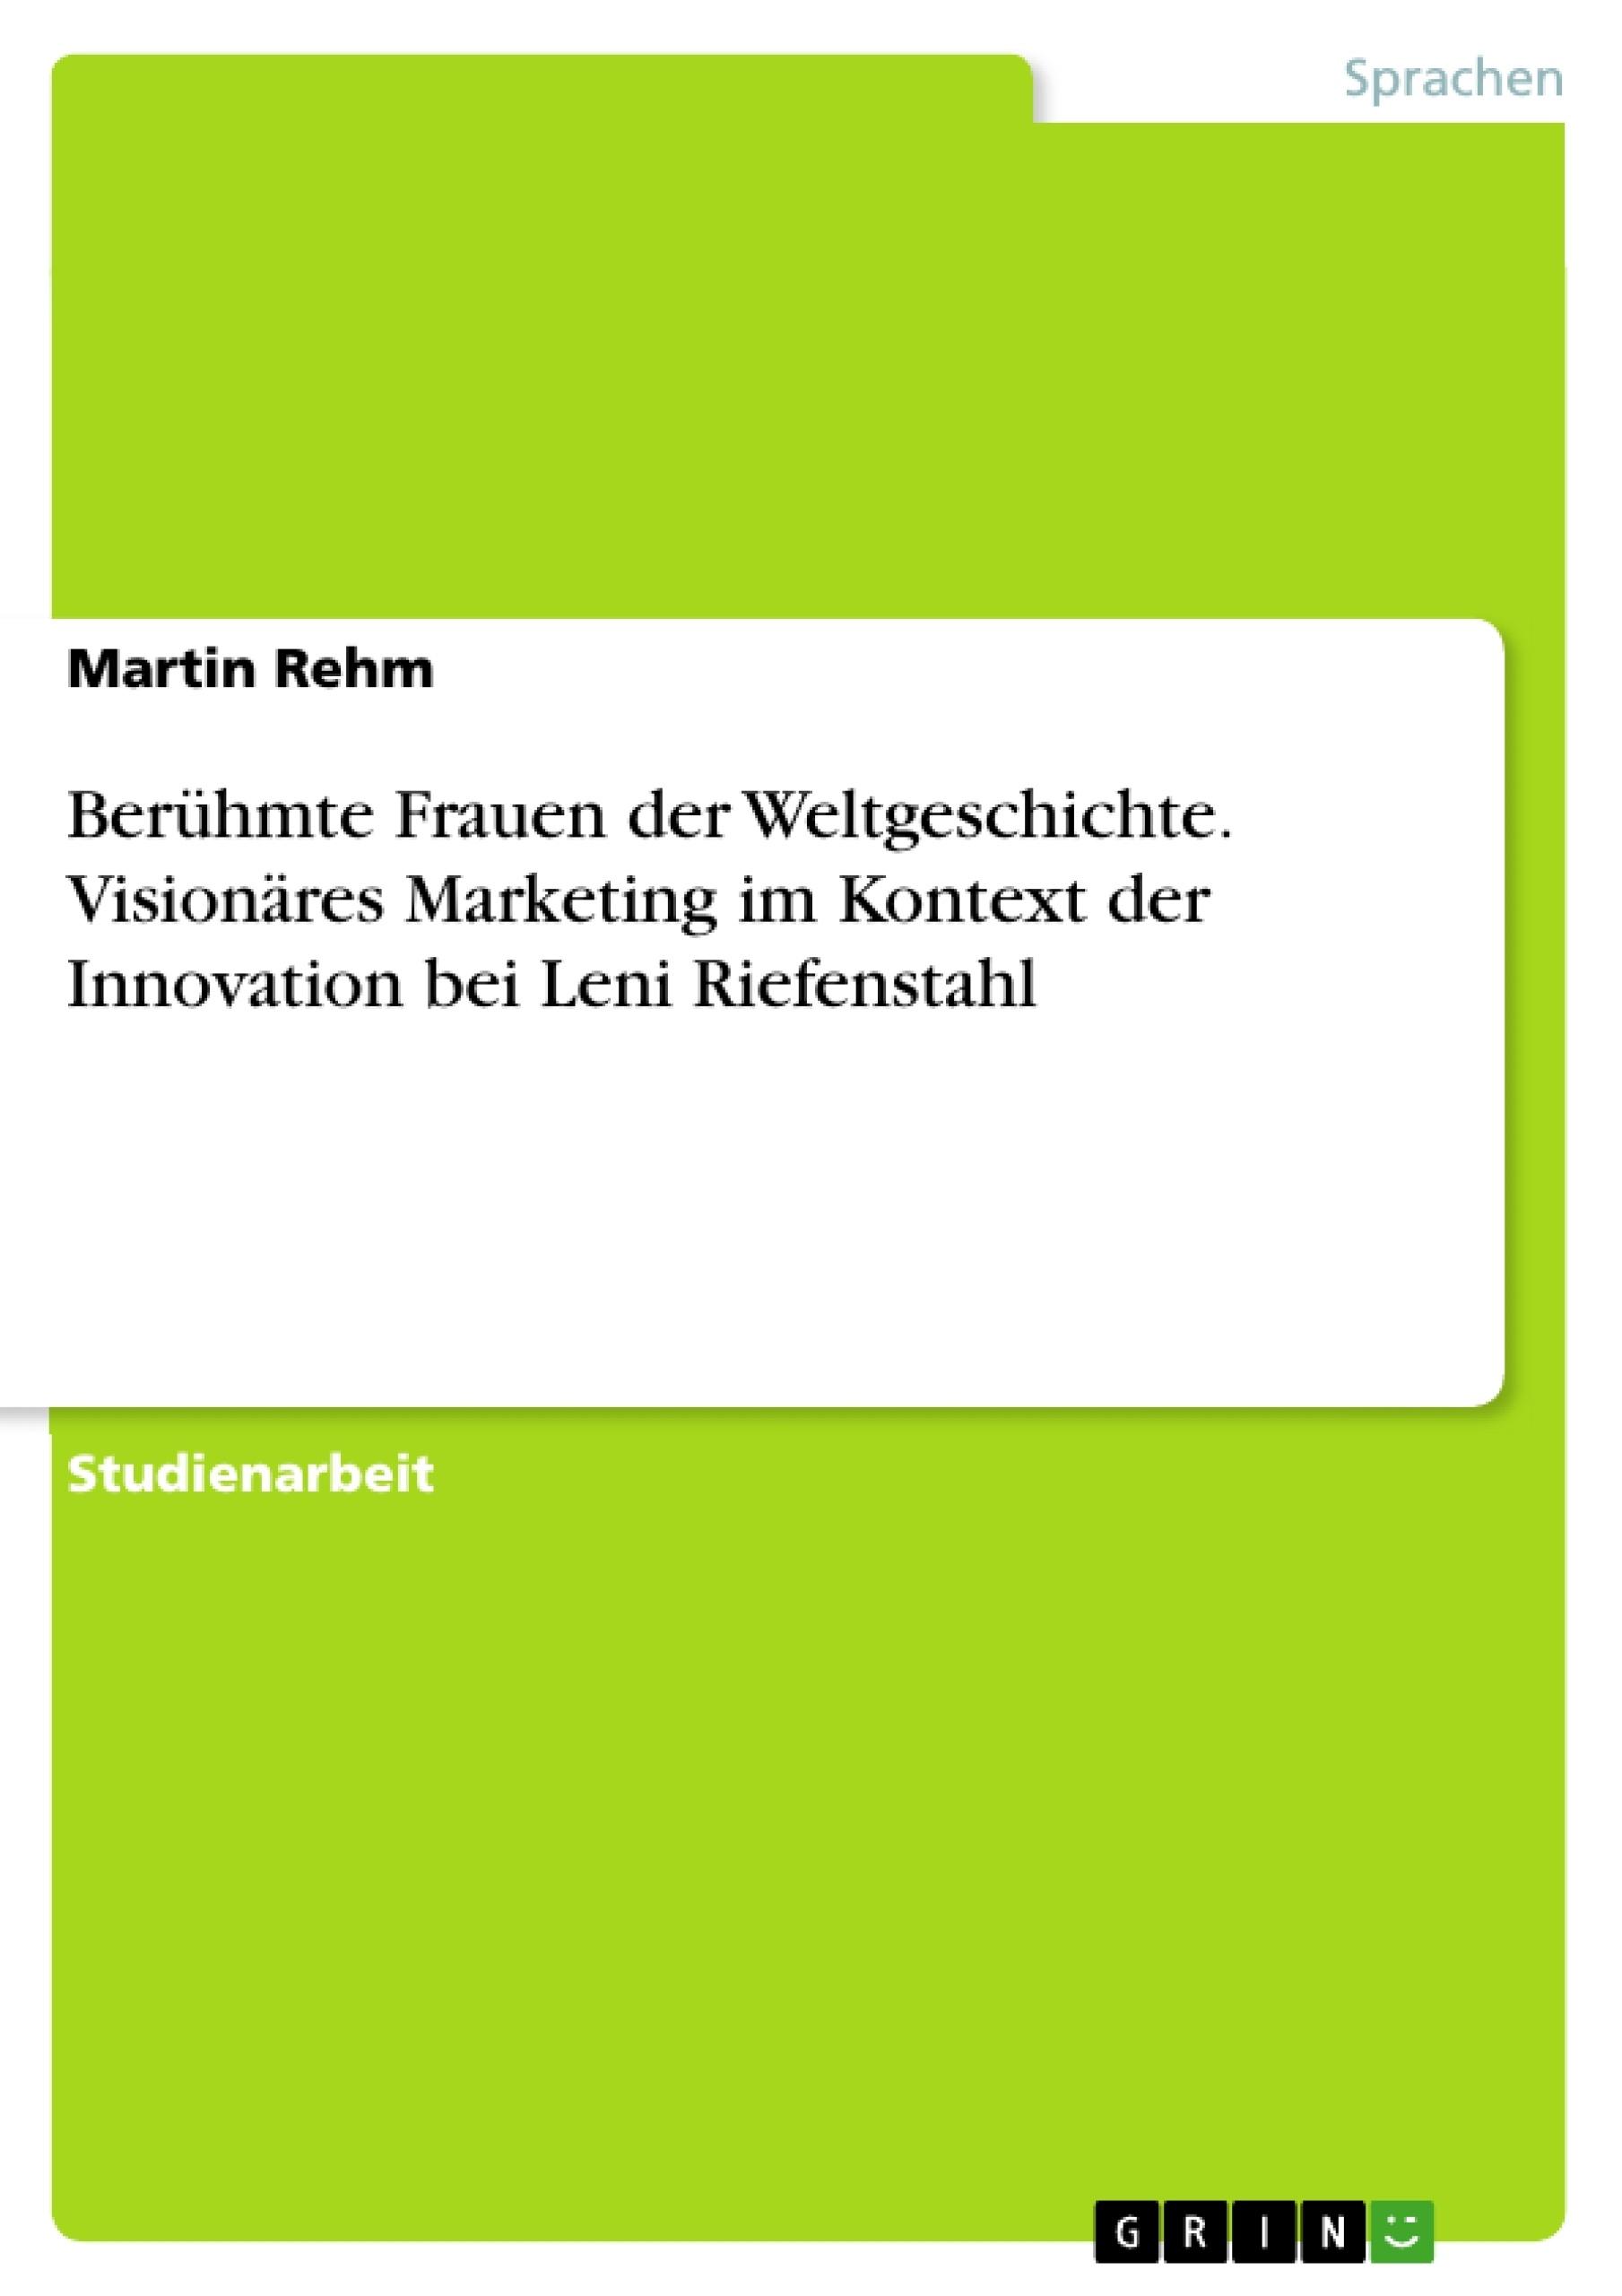 Titel: Berühmte Frauen der Weltgeschichte. Visionäres Marketing im Kontext der Innovation bei Leni Riefenstahl